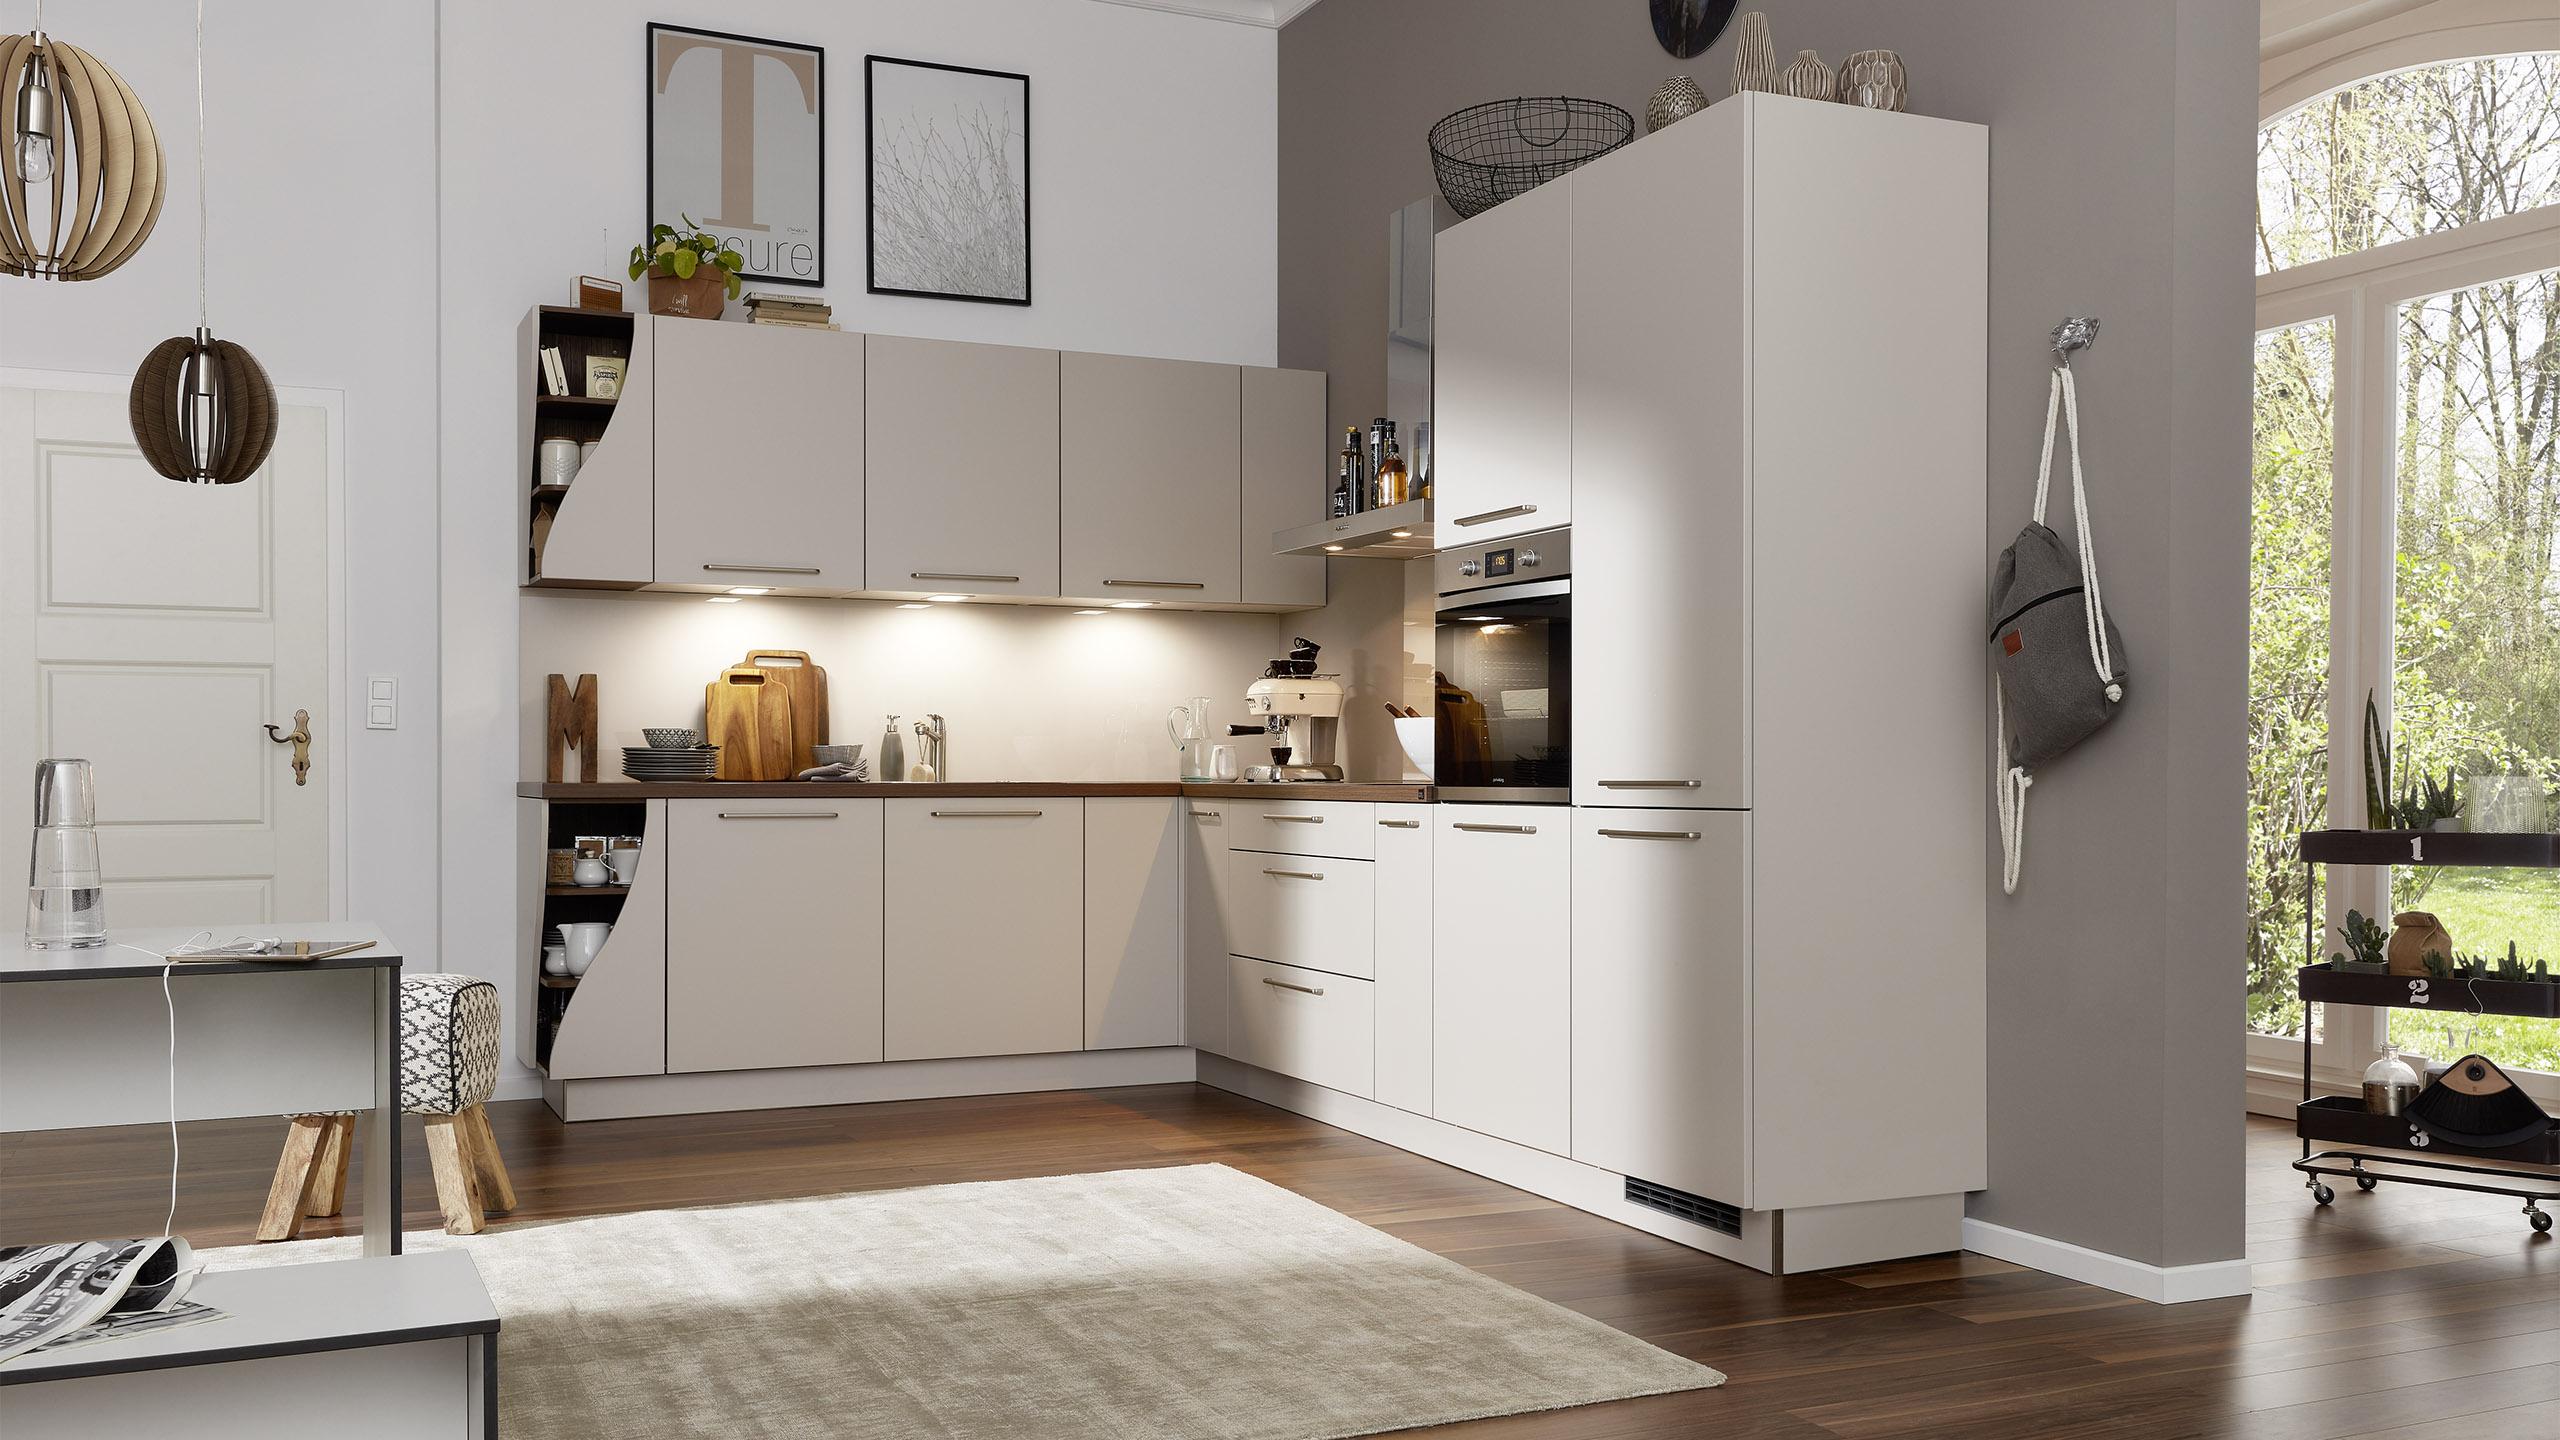 Full Size of Interliving Kche Serie 3005 Wohnzimmer Küchenkarussell Blockiert